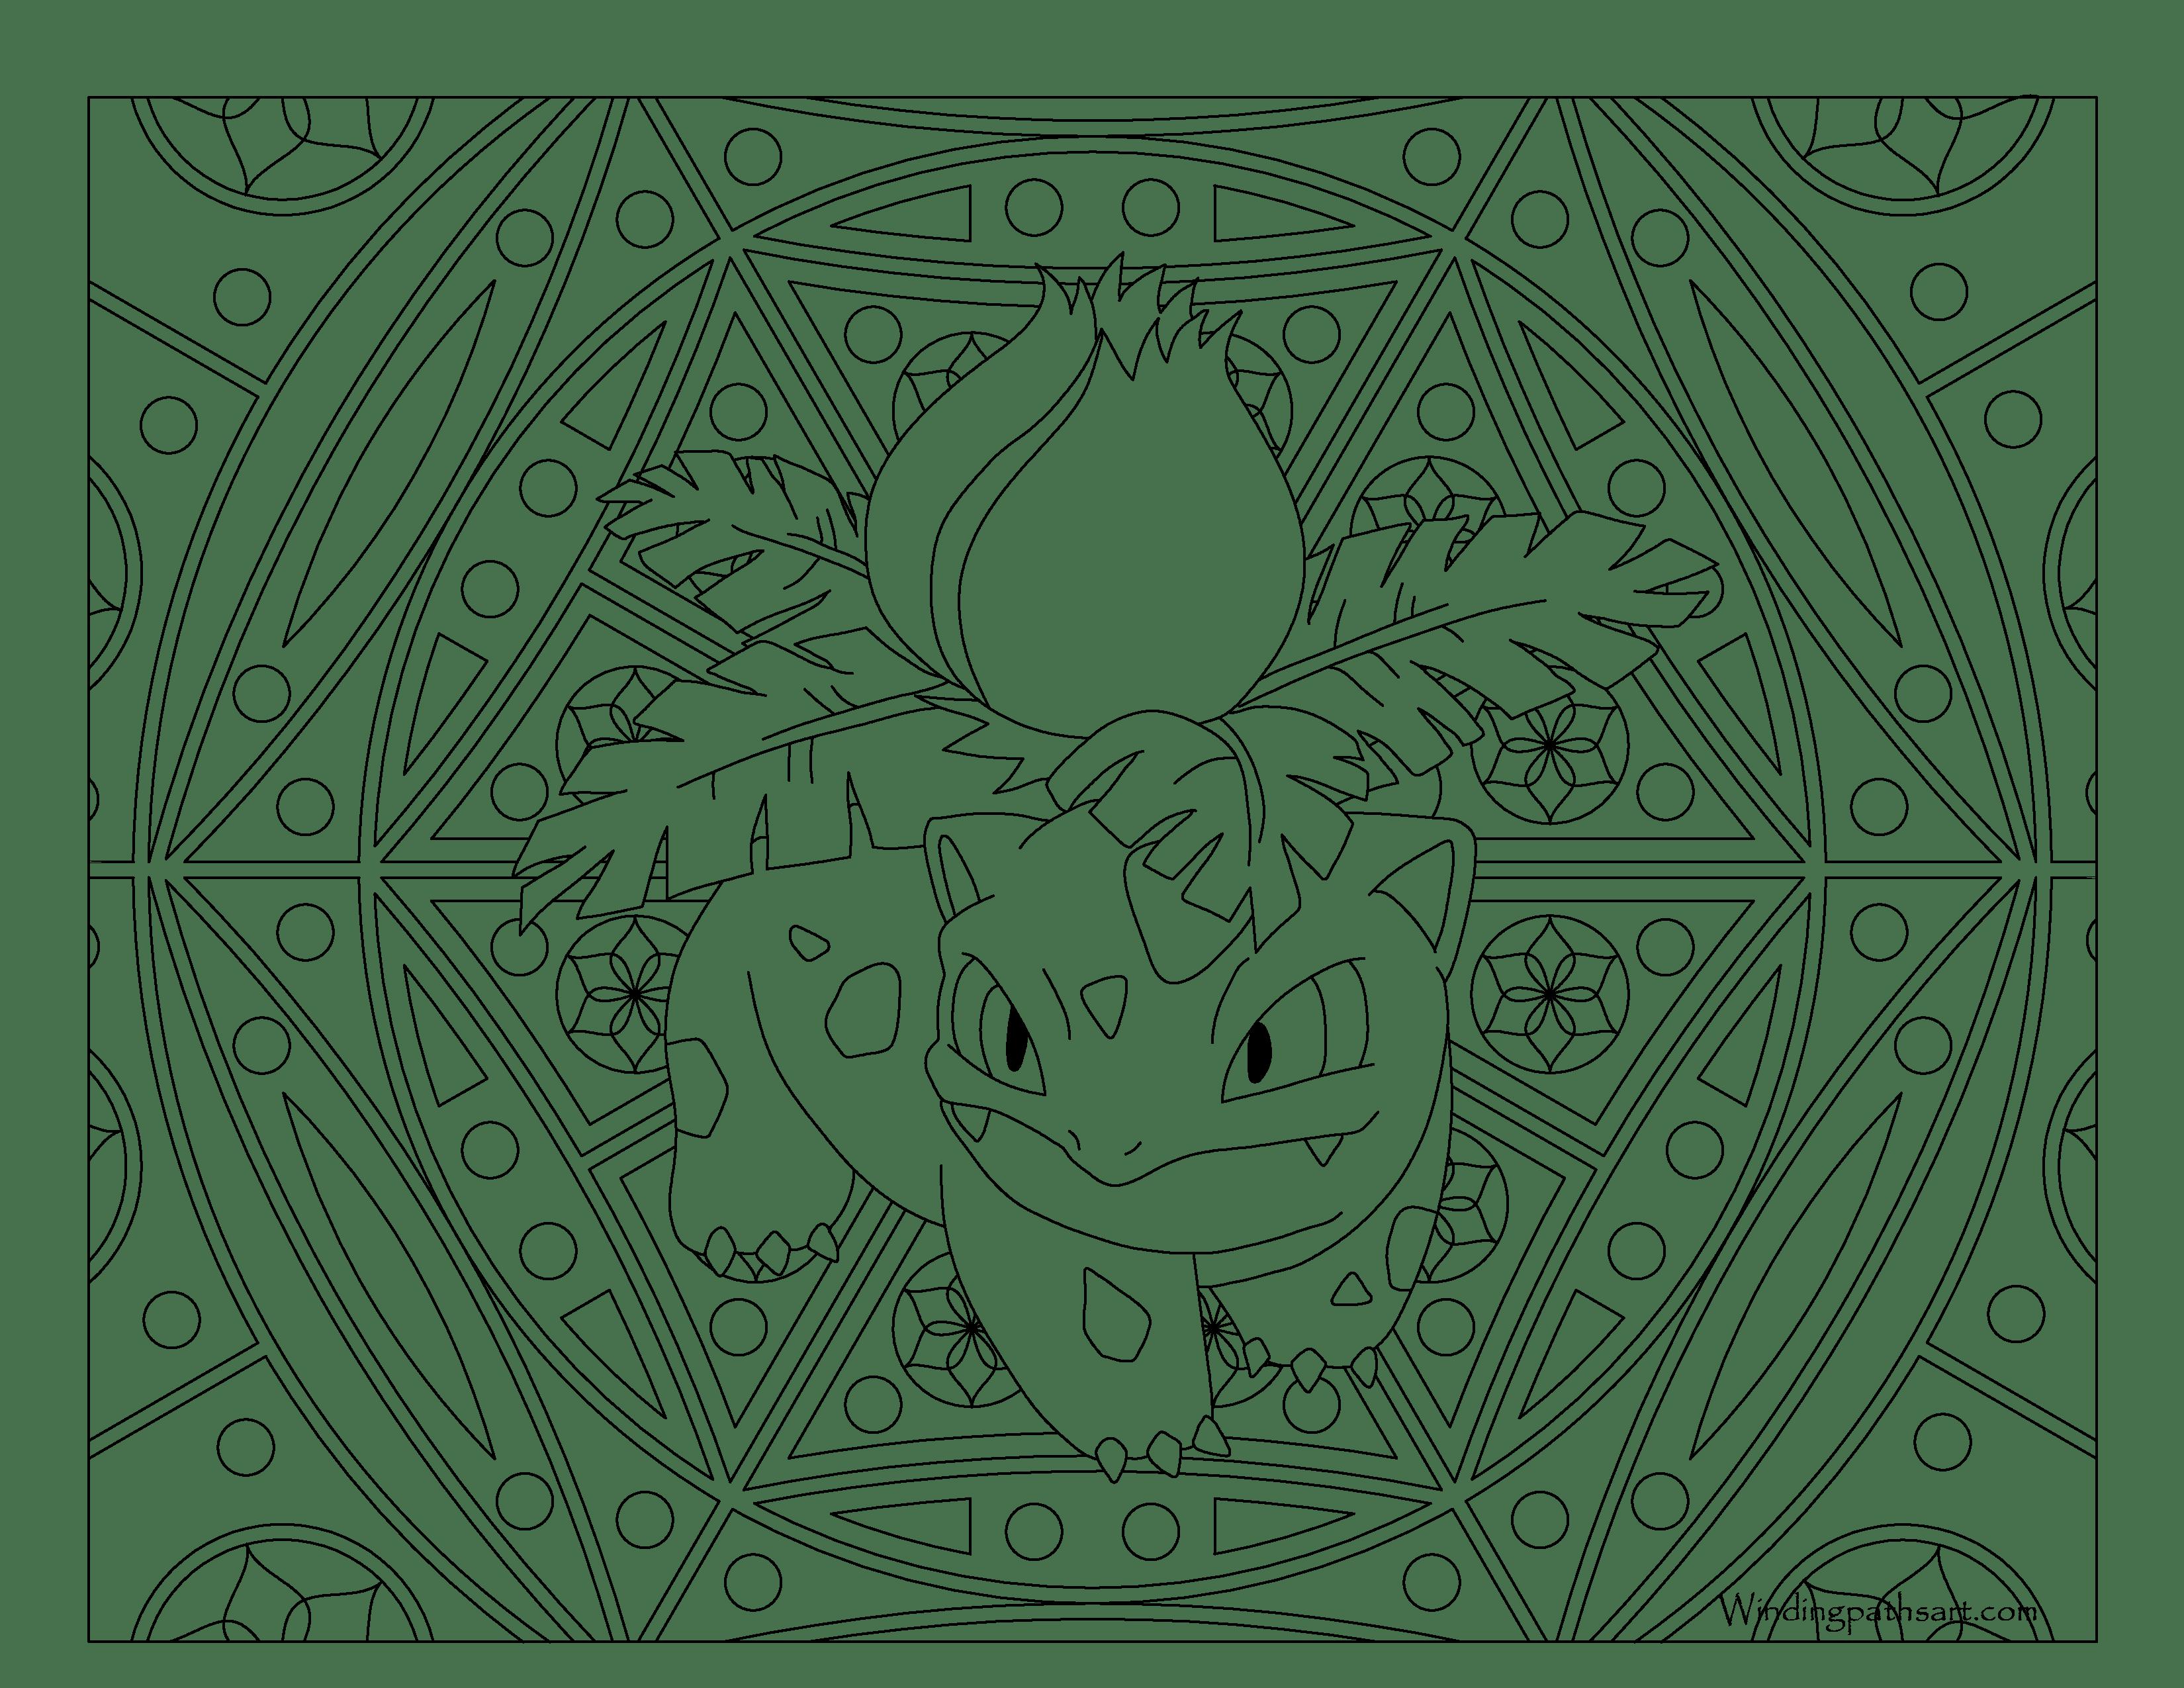 3300x2550 Ivysaur Pokemon Coloring Page